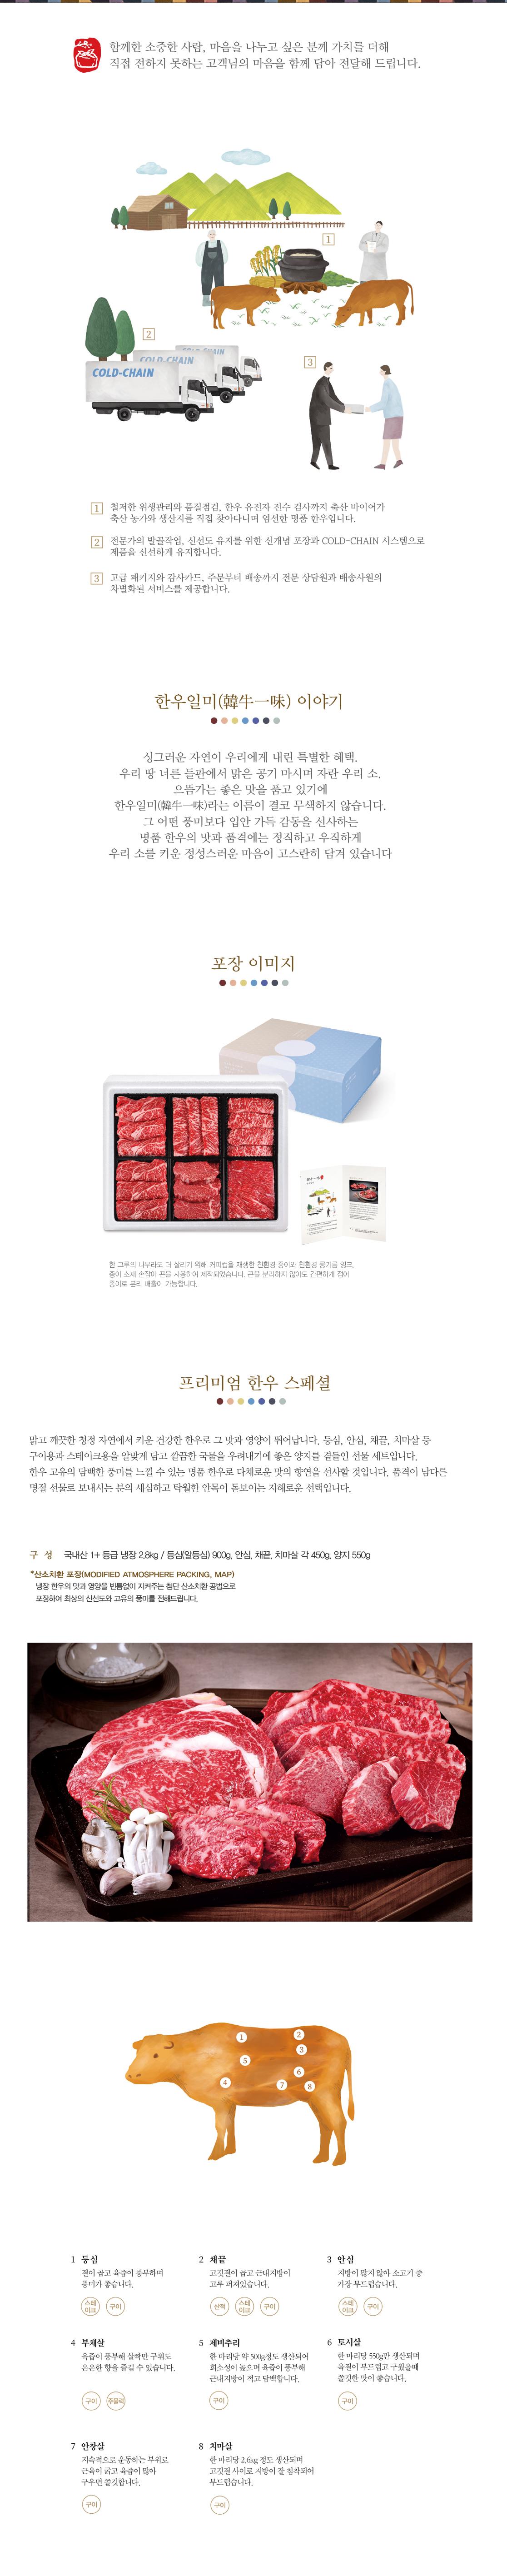 프리미엄한우스페셜 2.8kg 1+등급 냉장 2.8kg / 등심(알등심) 0.9kg, 안심, 채끝, 치마살 각 0.45kg, 양지0.55kg